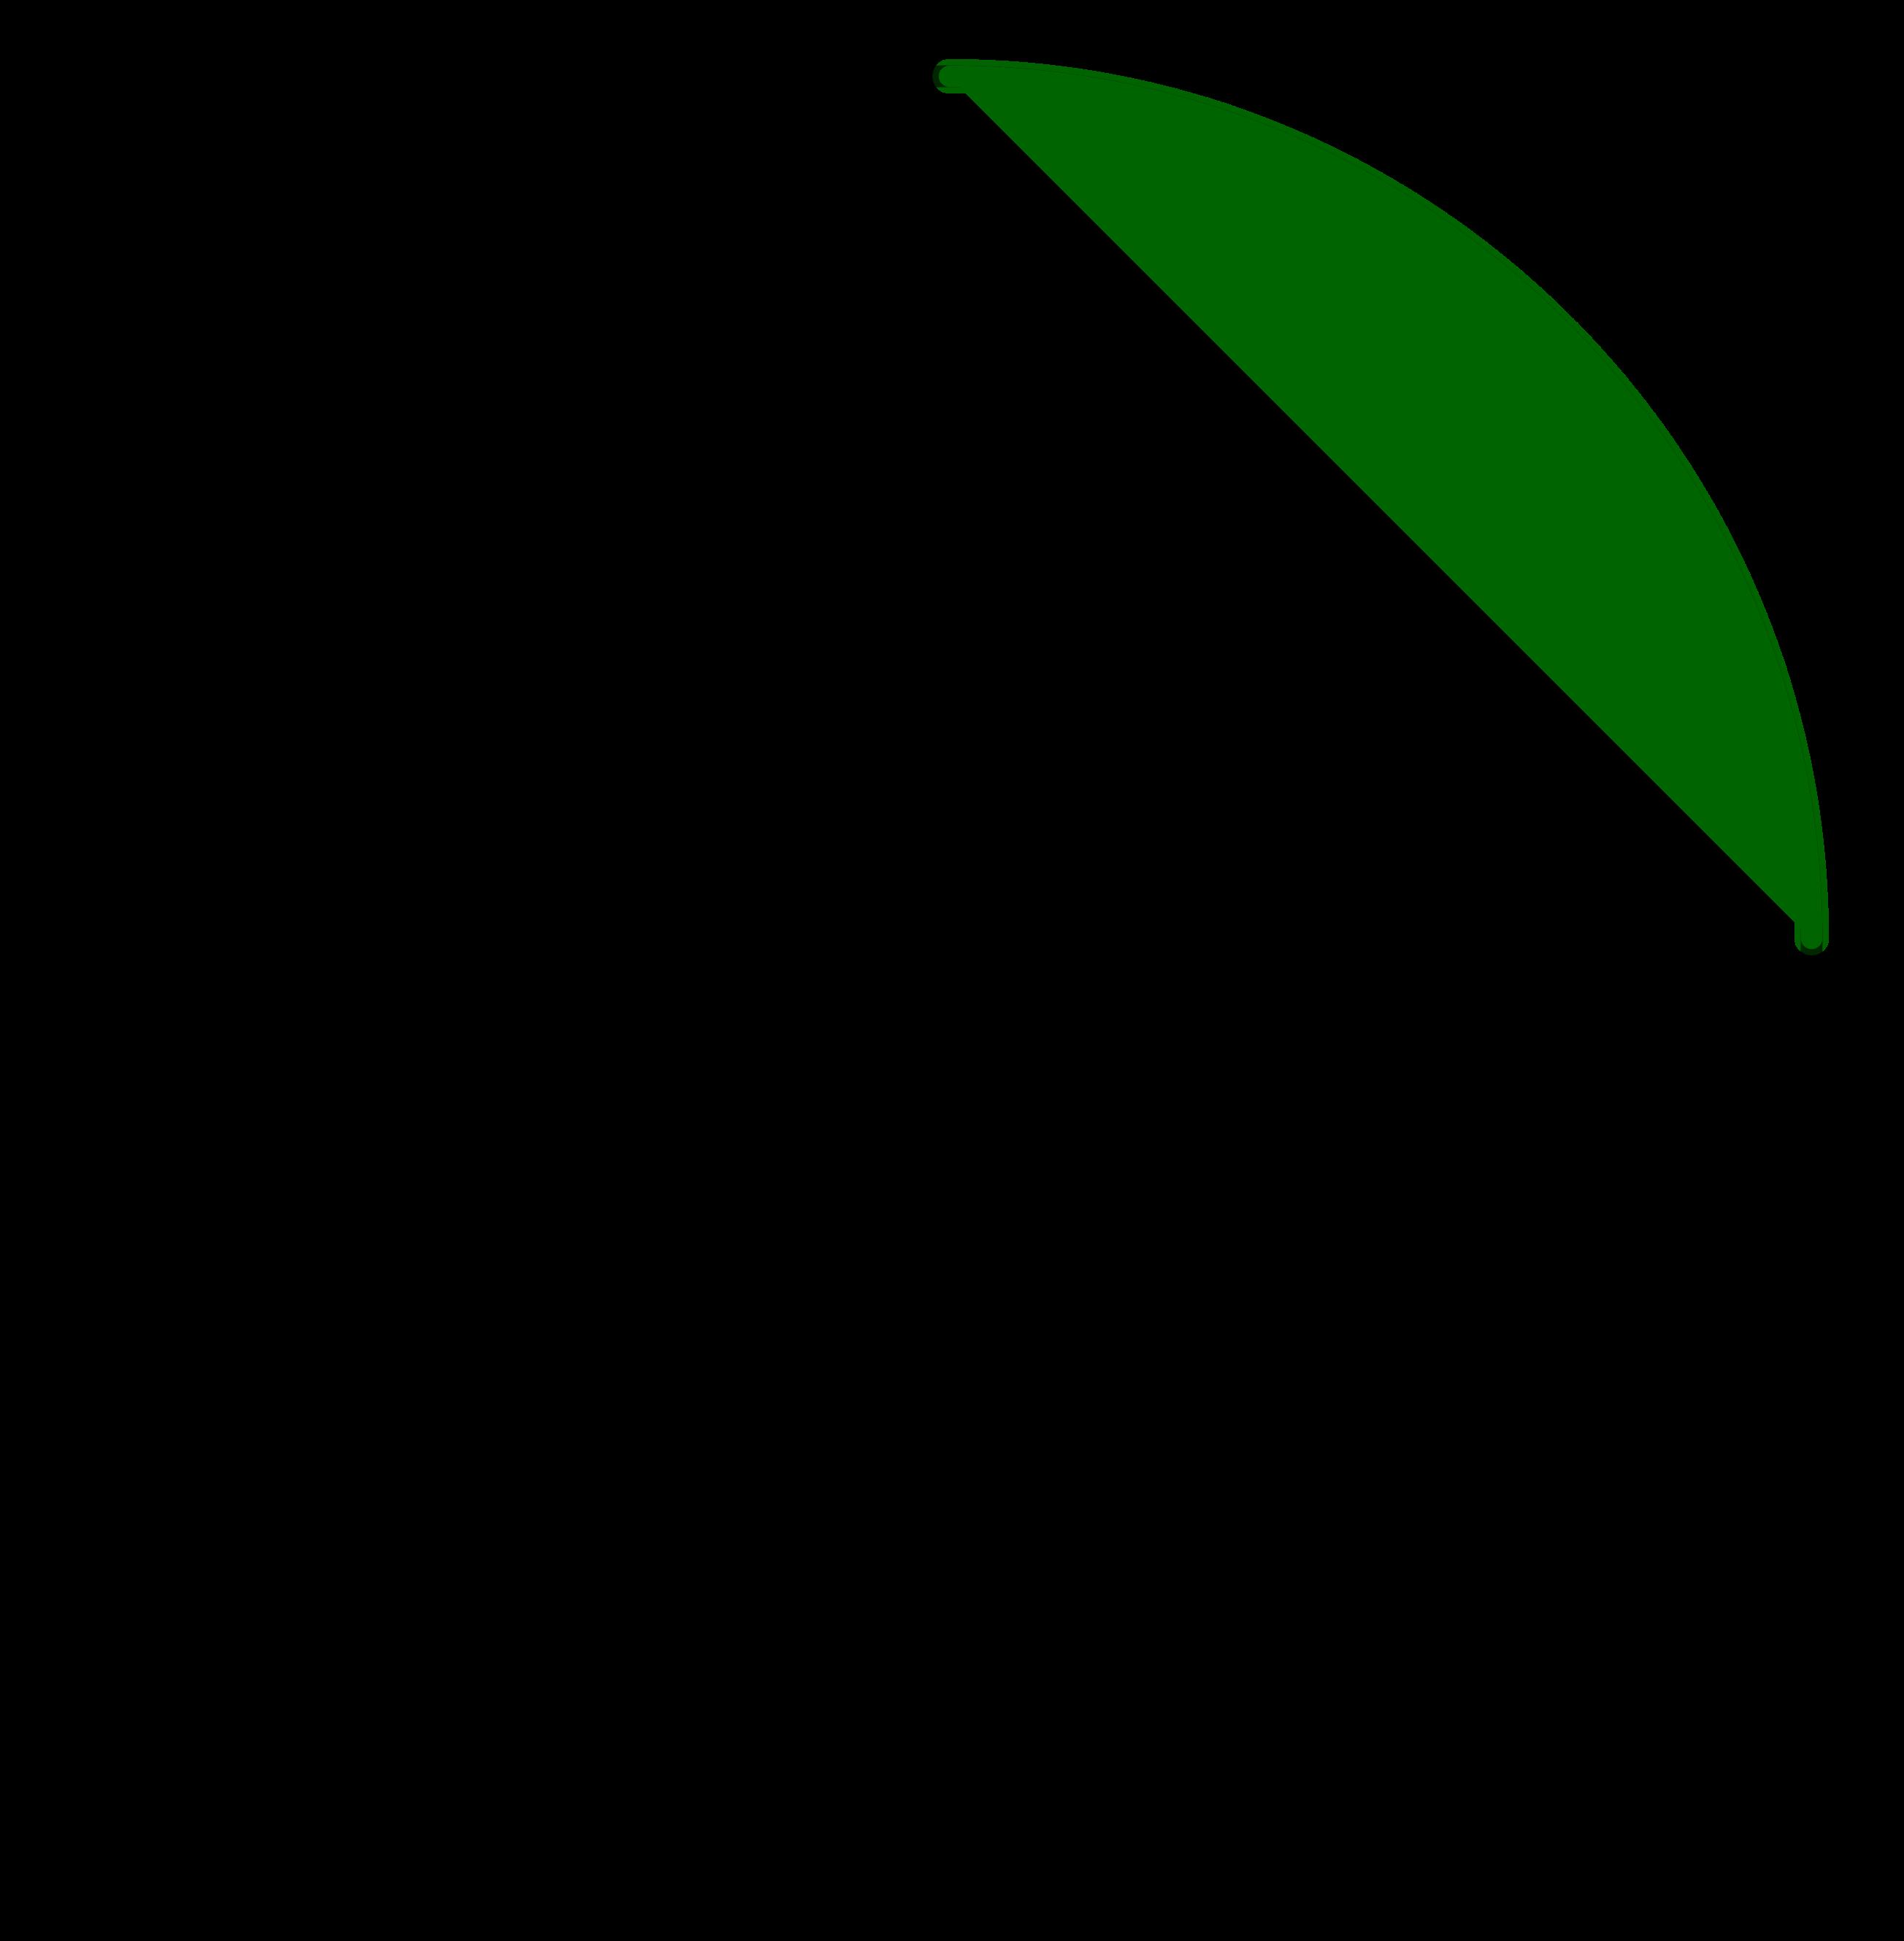 Kreis Kreissegment